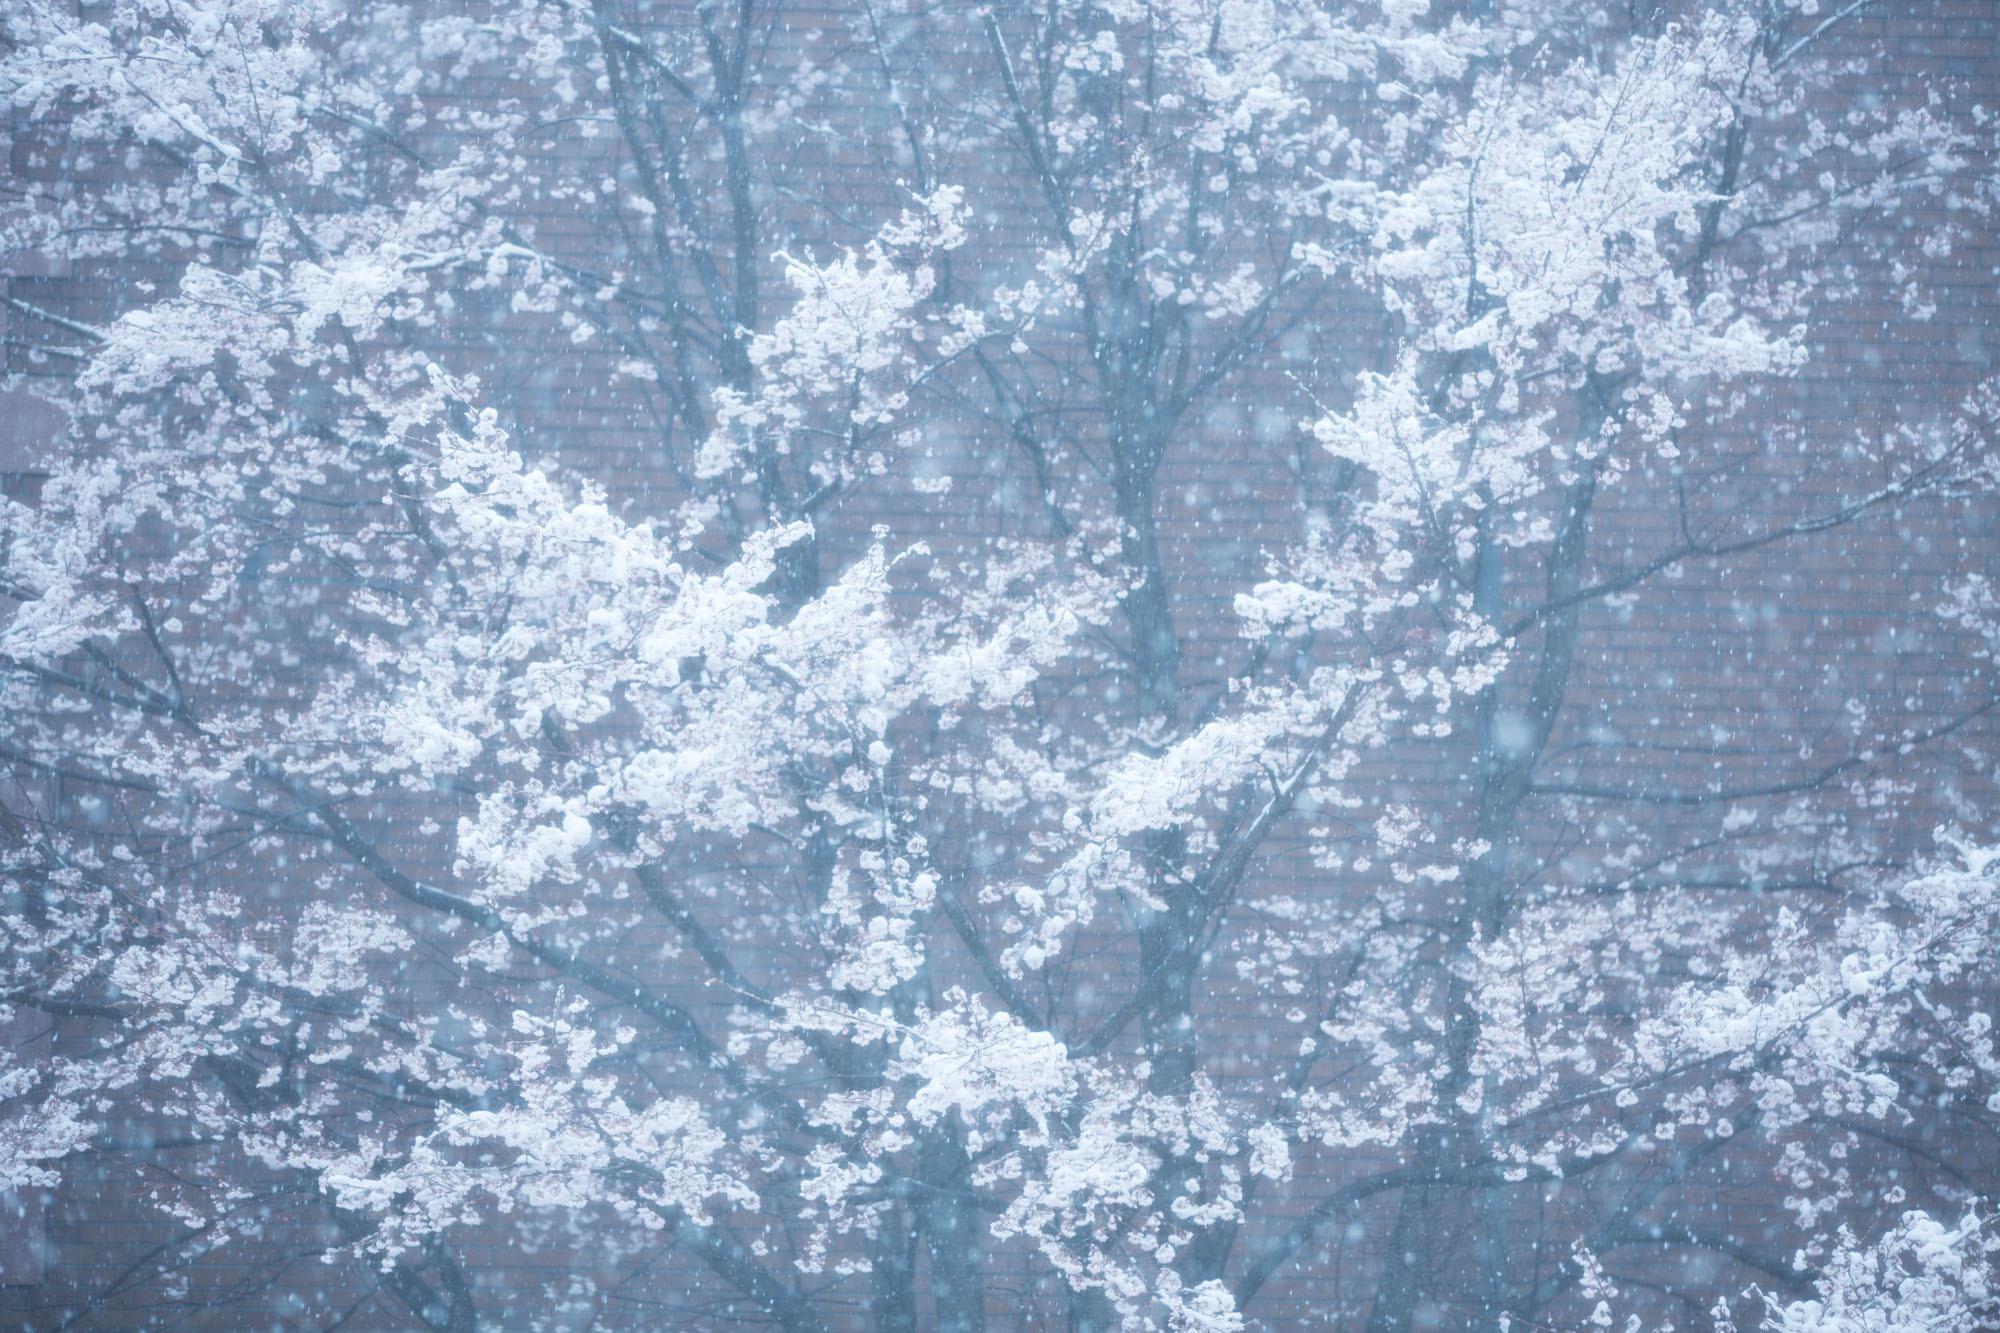 なごり雪の窓辺~あがたの森の枝垂桜~_d0349418_20492623.jpg